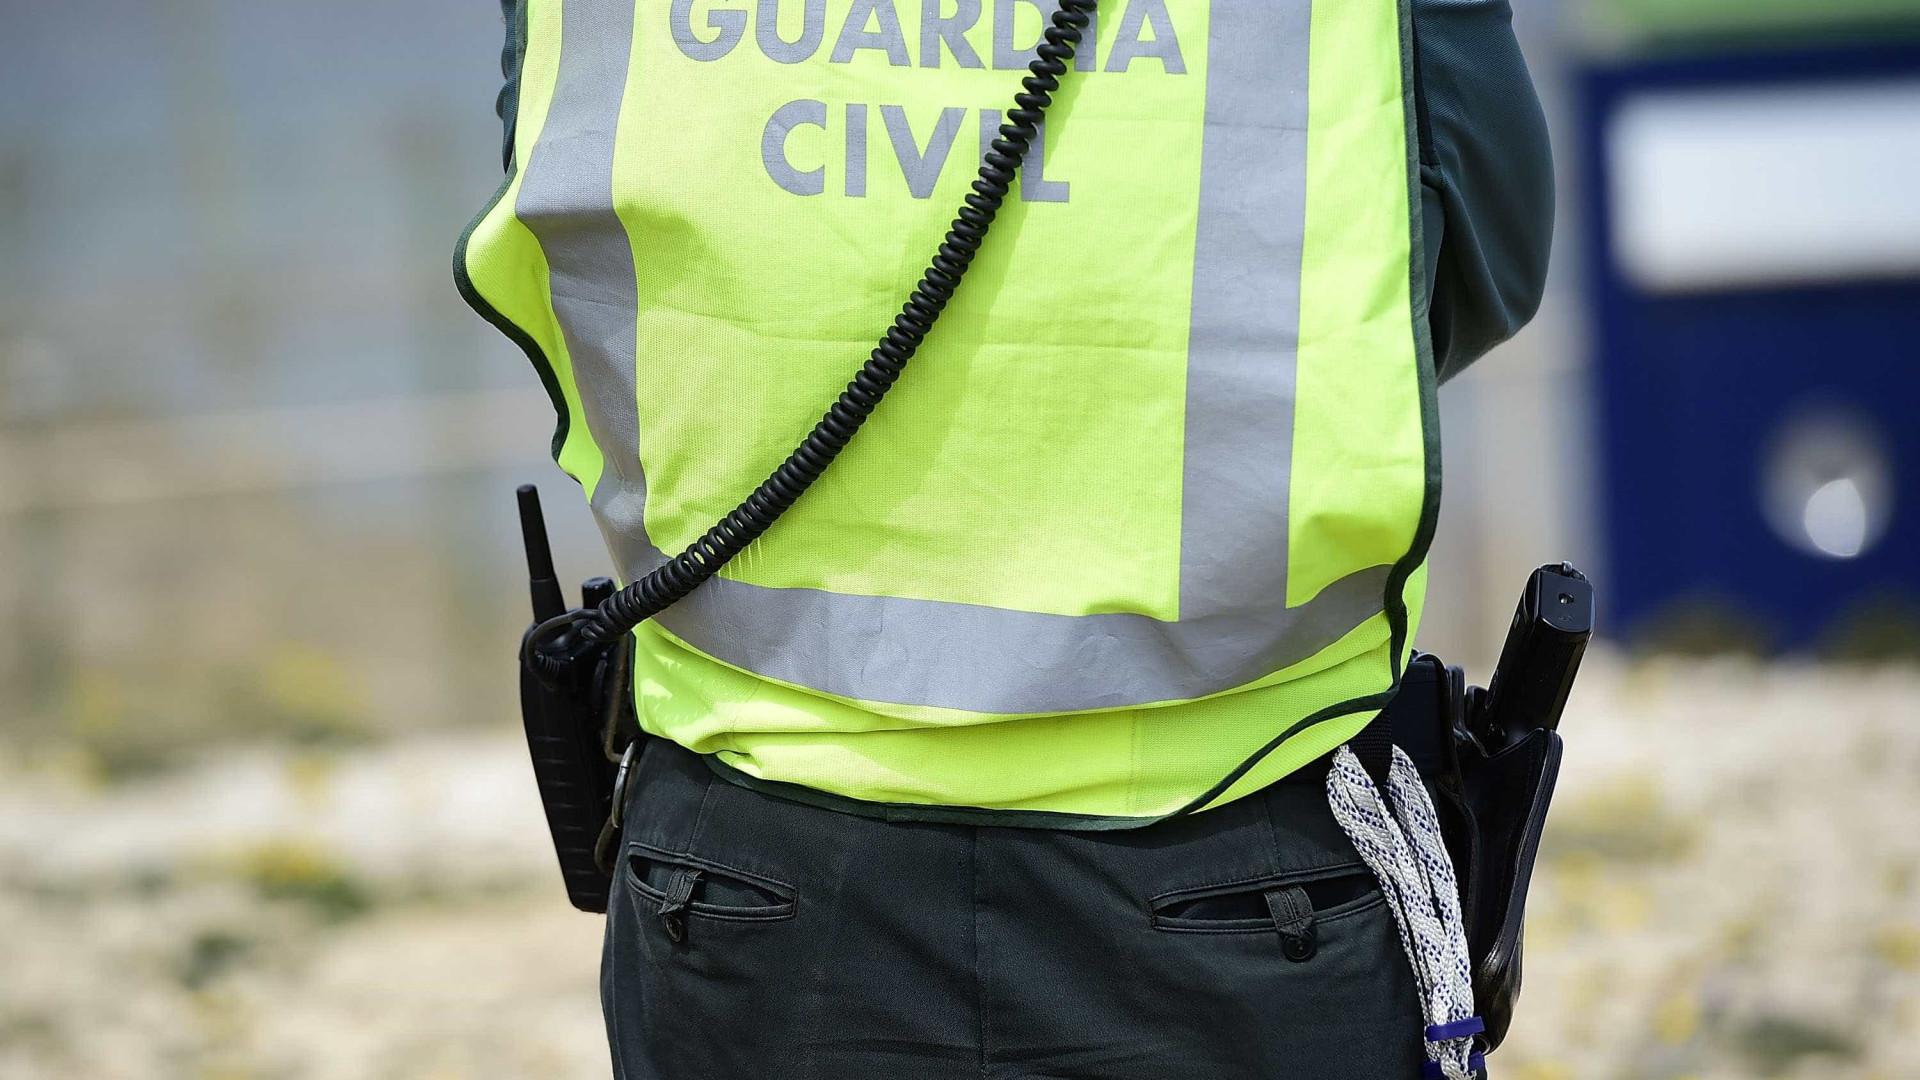 Referendo na Catalunha: Guardia Civil faz buscas na sede do '112'